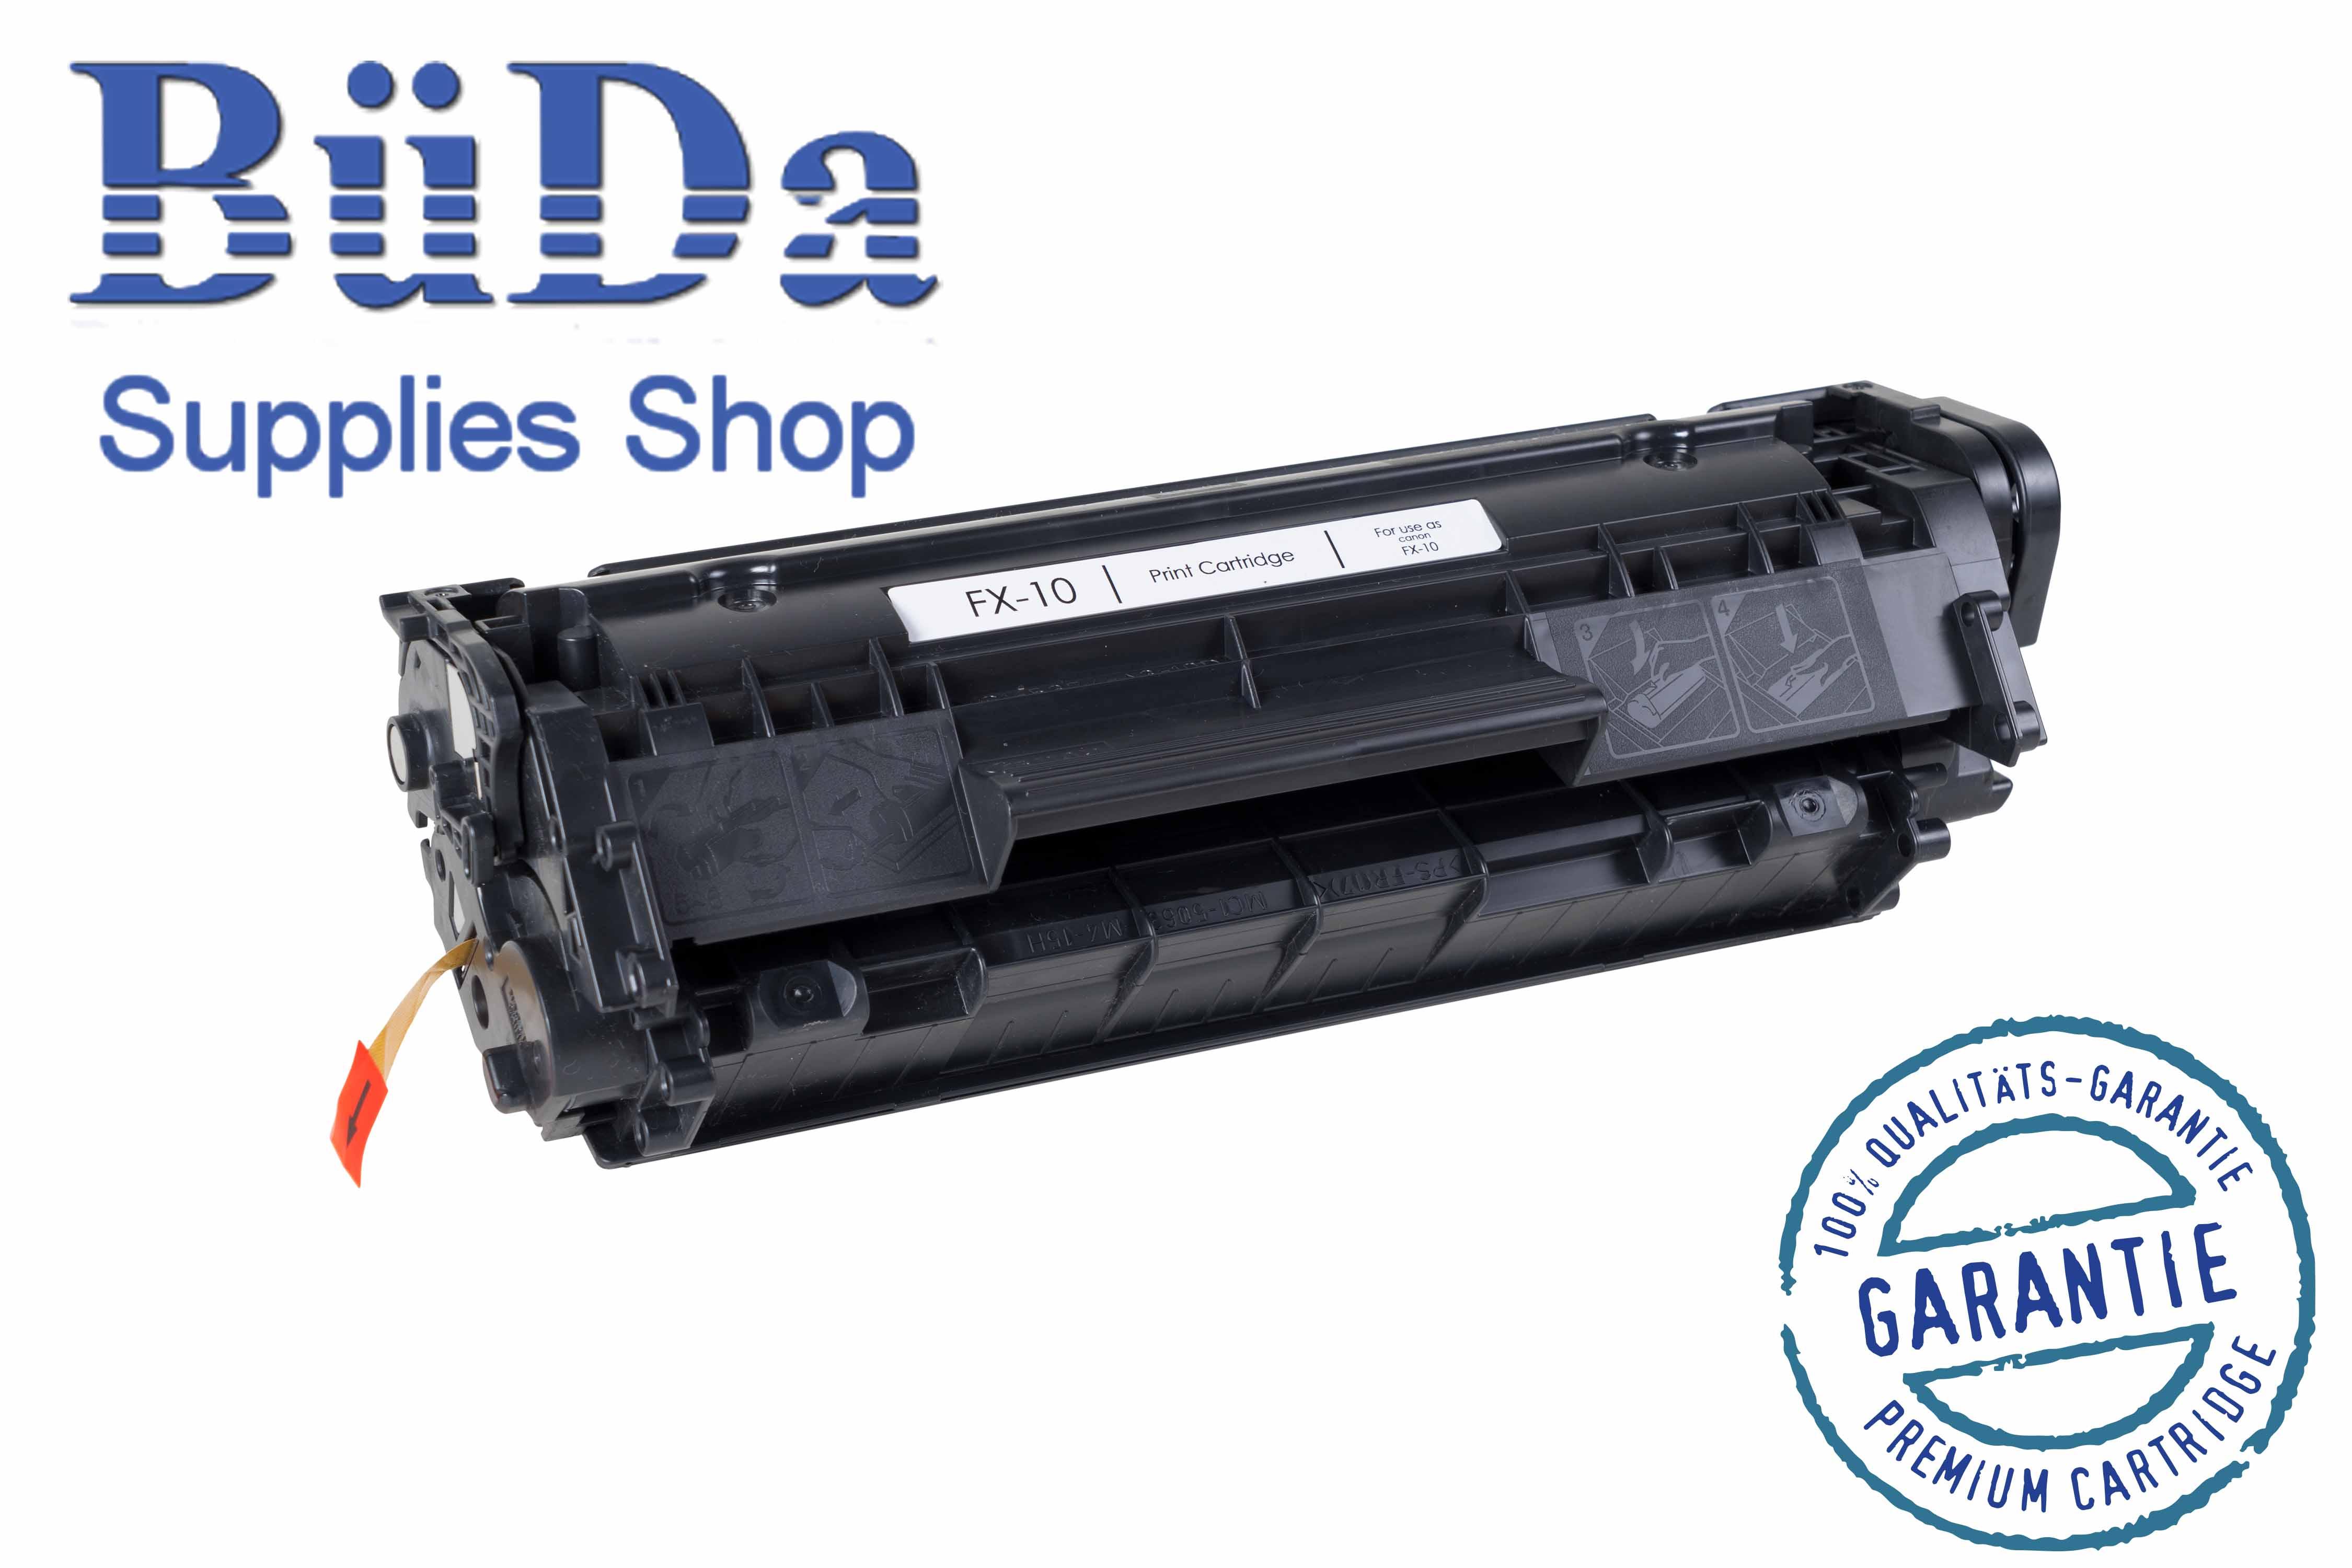 Toner-Modul komp. zu FX-10 black 2000 Seiten